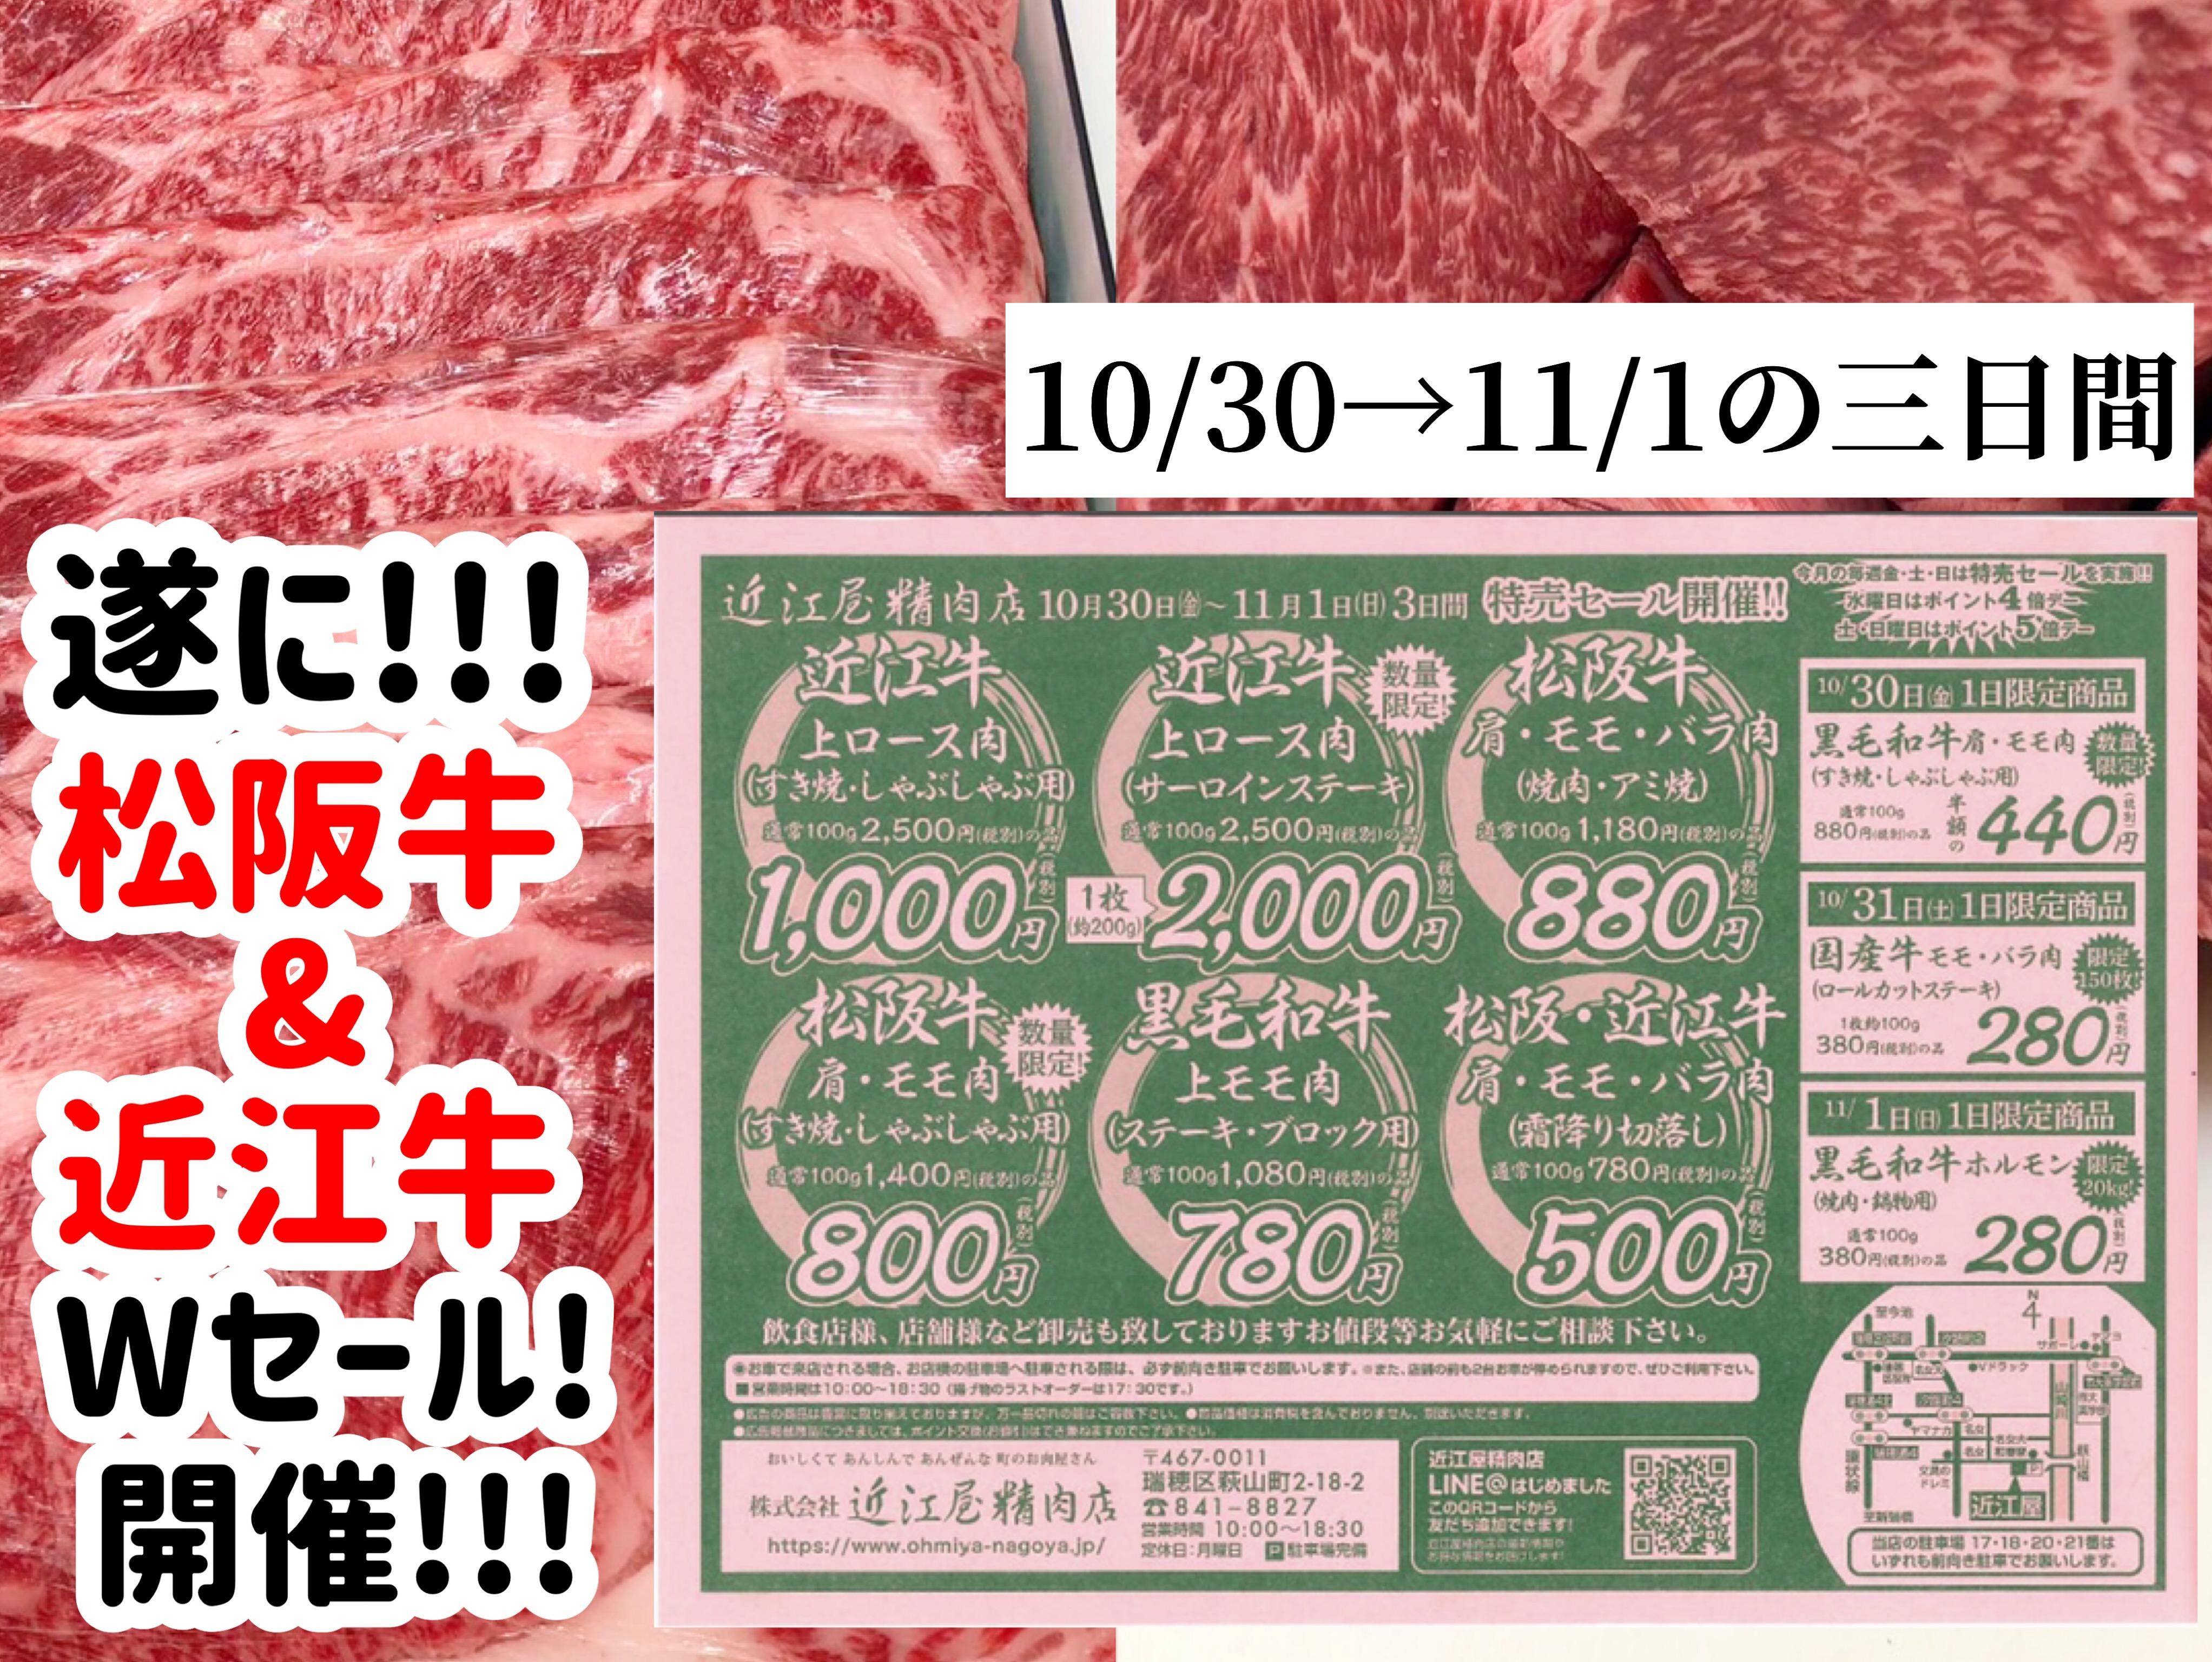 お鍋だよ!松阪牛&近江牛W特売開催!